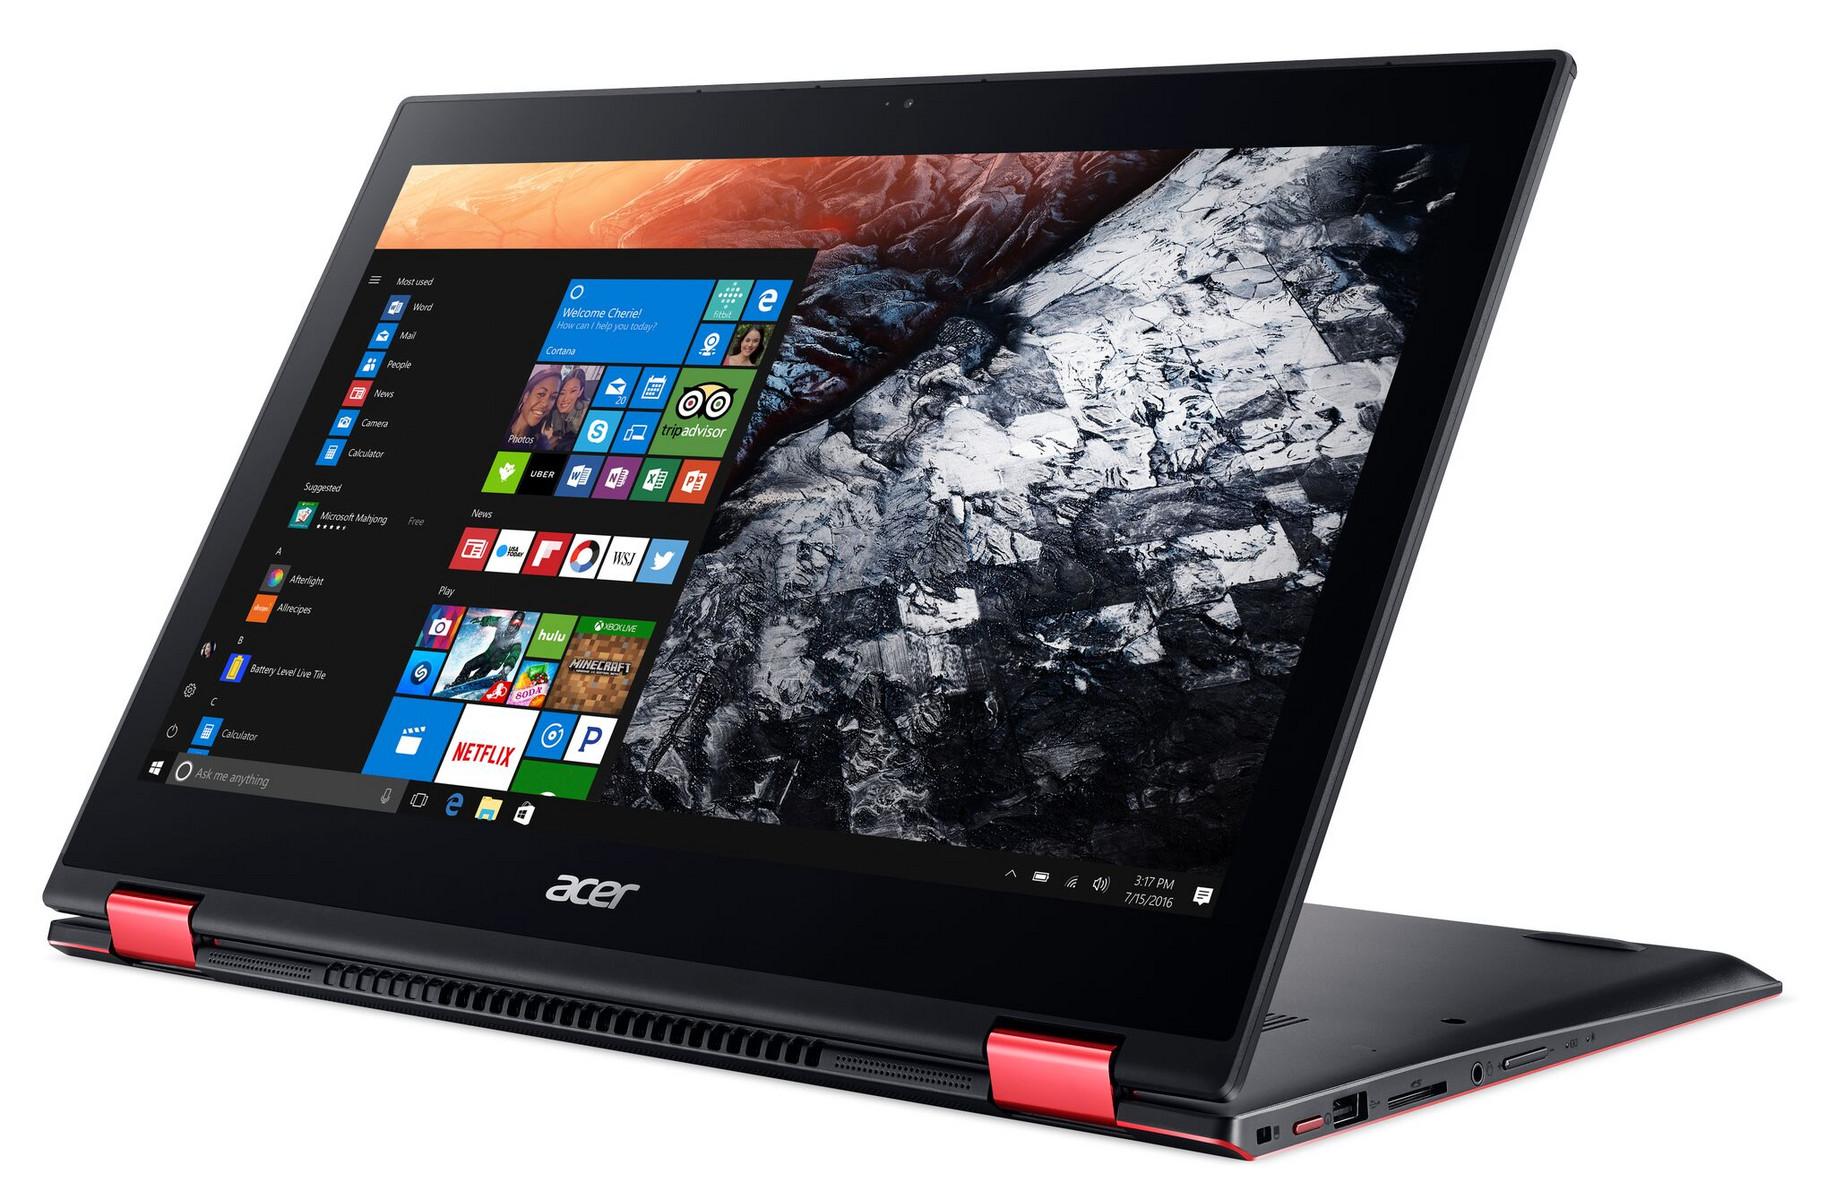 csm Acer Nitro 5 Spin display mode left facing Win10 2ea9dcf7e1